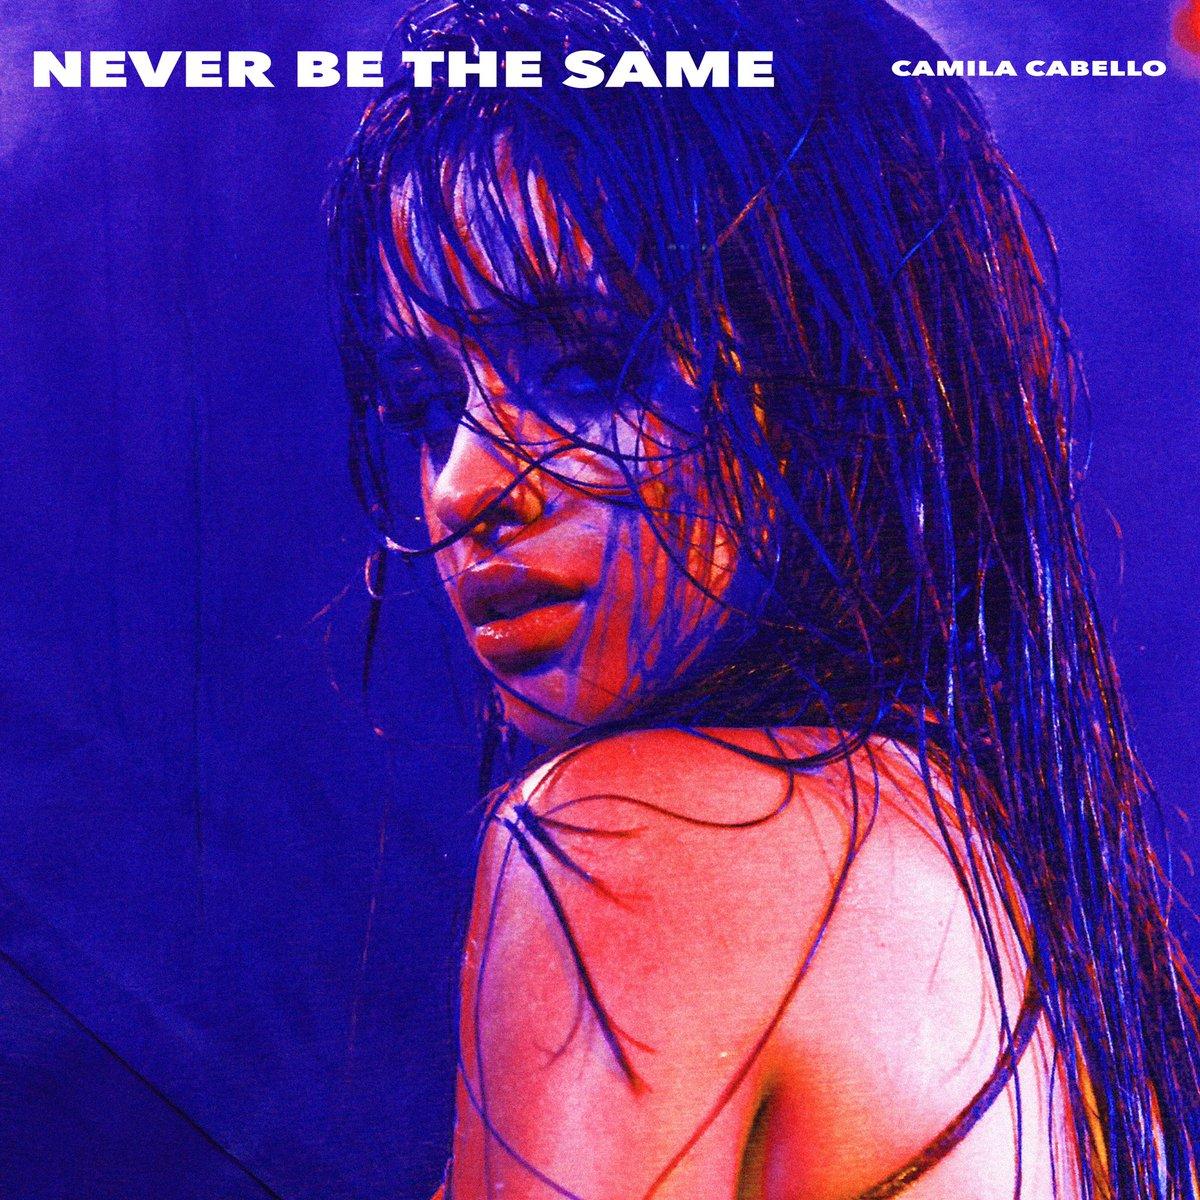 #NeverBeTheSame 🦋🦋🦋 tomorrow, 8 am EDT #CAMILAtomorrow